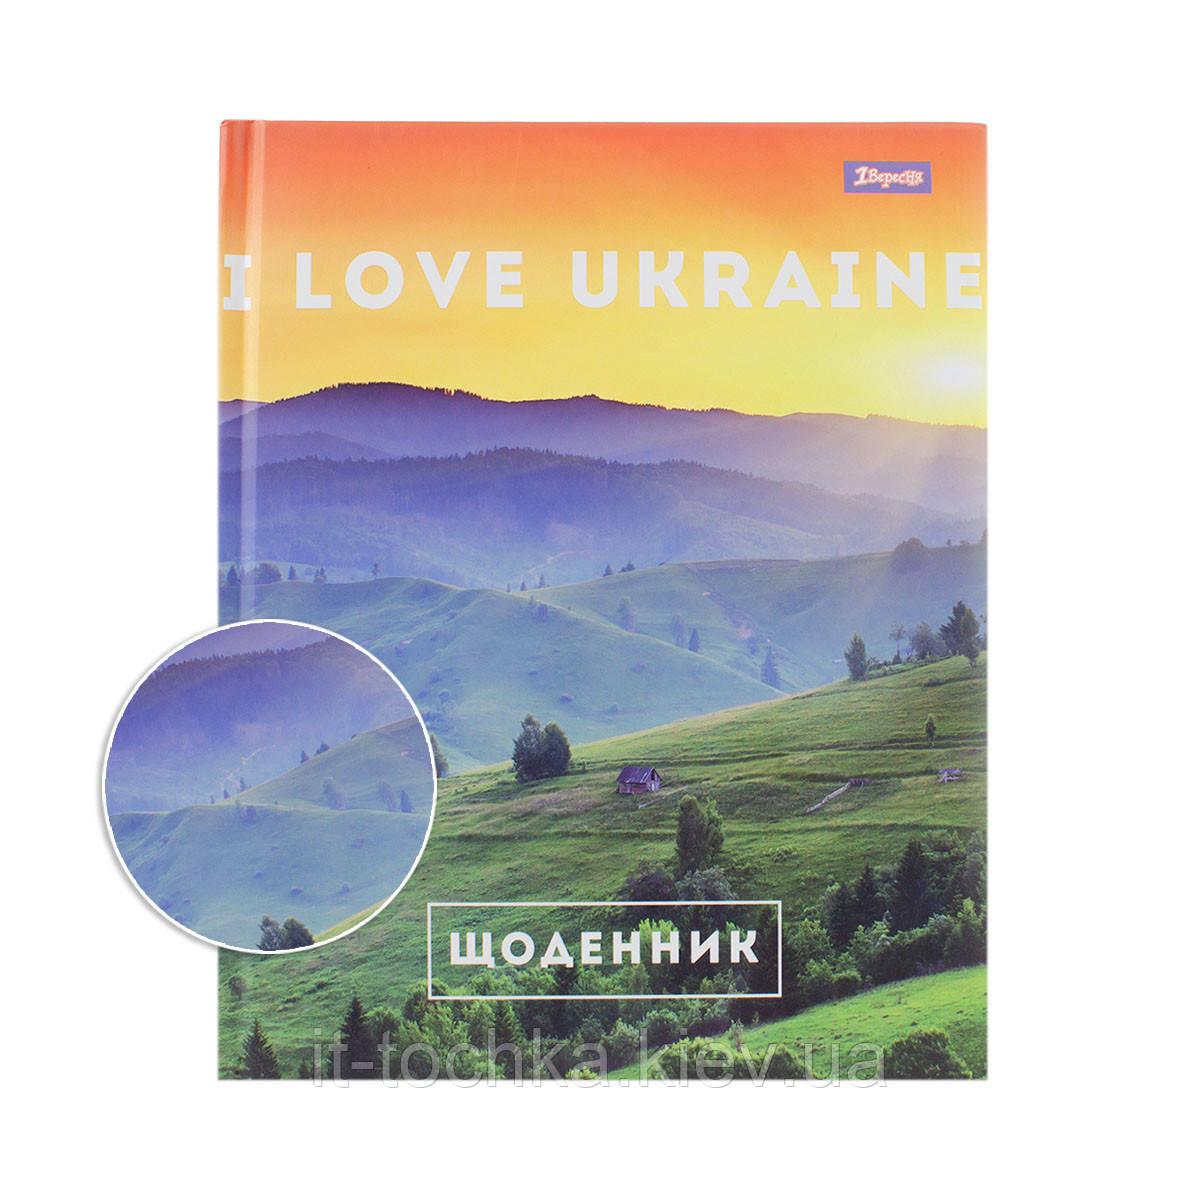 Дневник школьный жесткий 1Вересня i love ukraine, мат. ламинац. , УФ лак 1 Вересня 911248